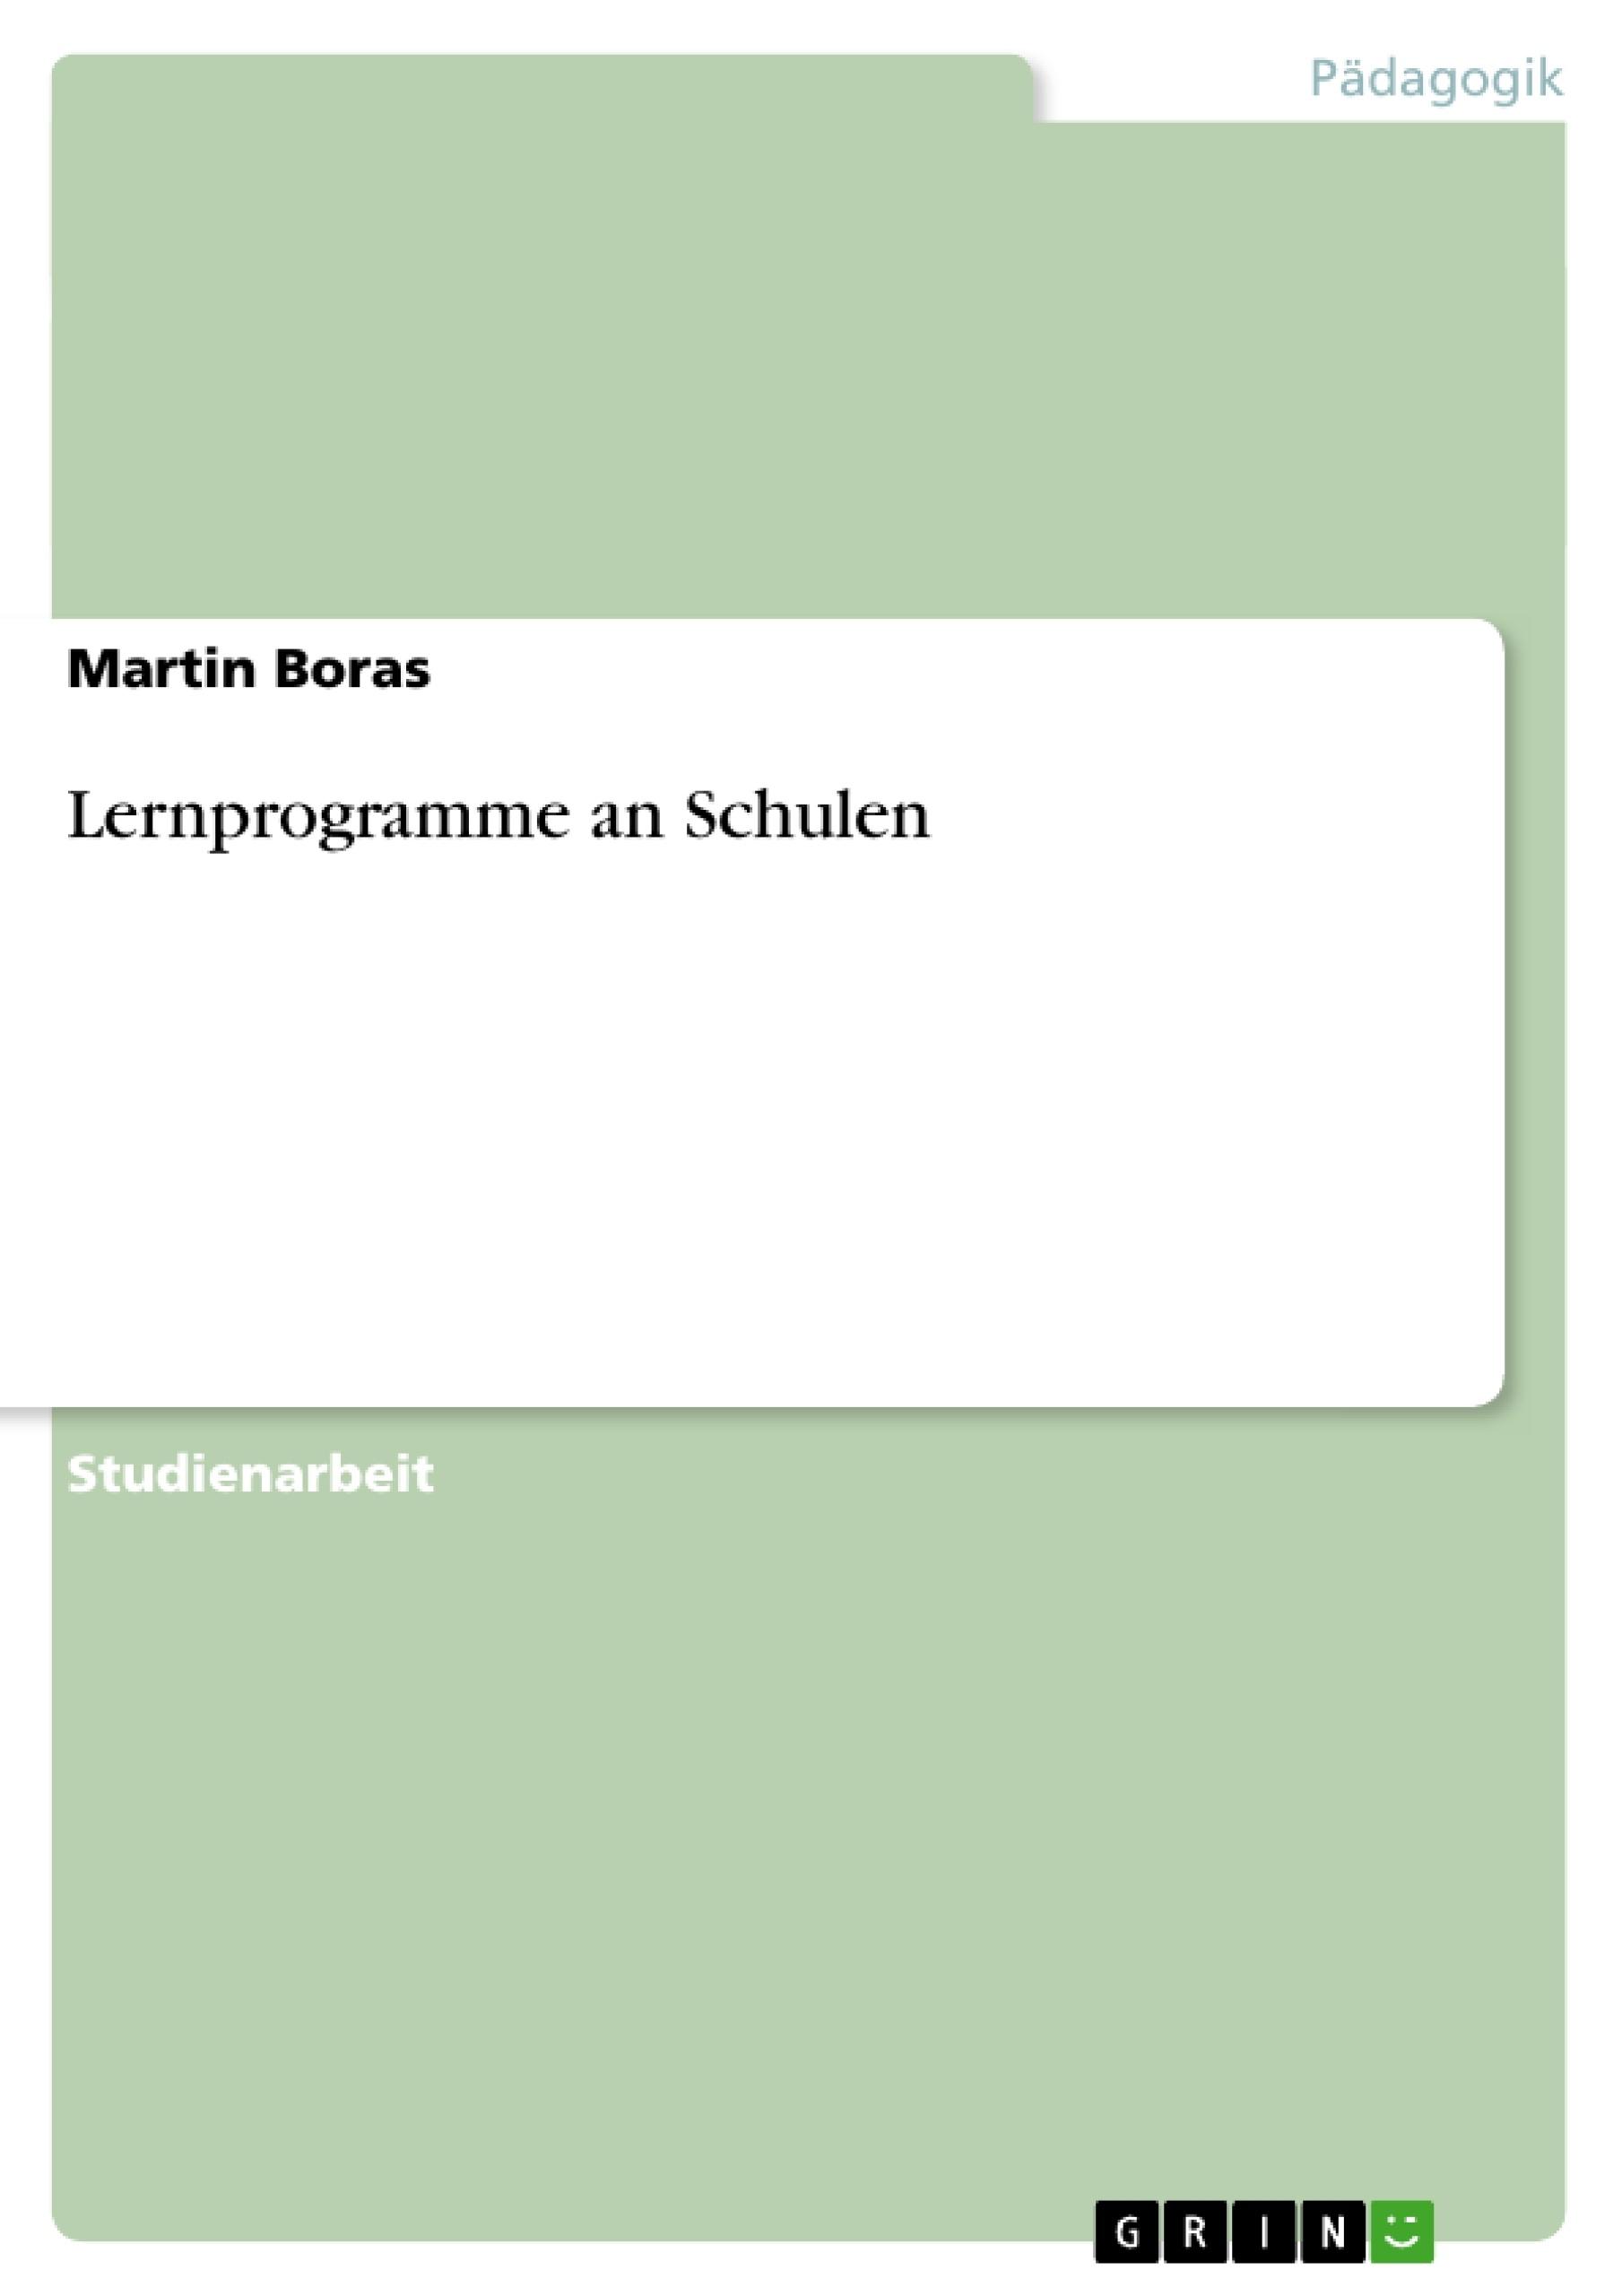 Titel: Lernprogramme an Schulen